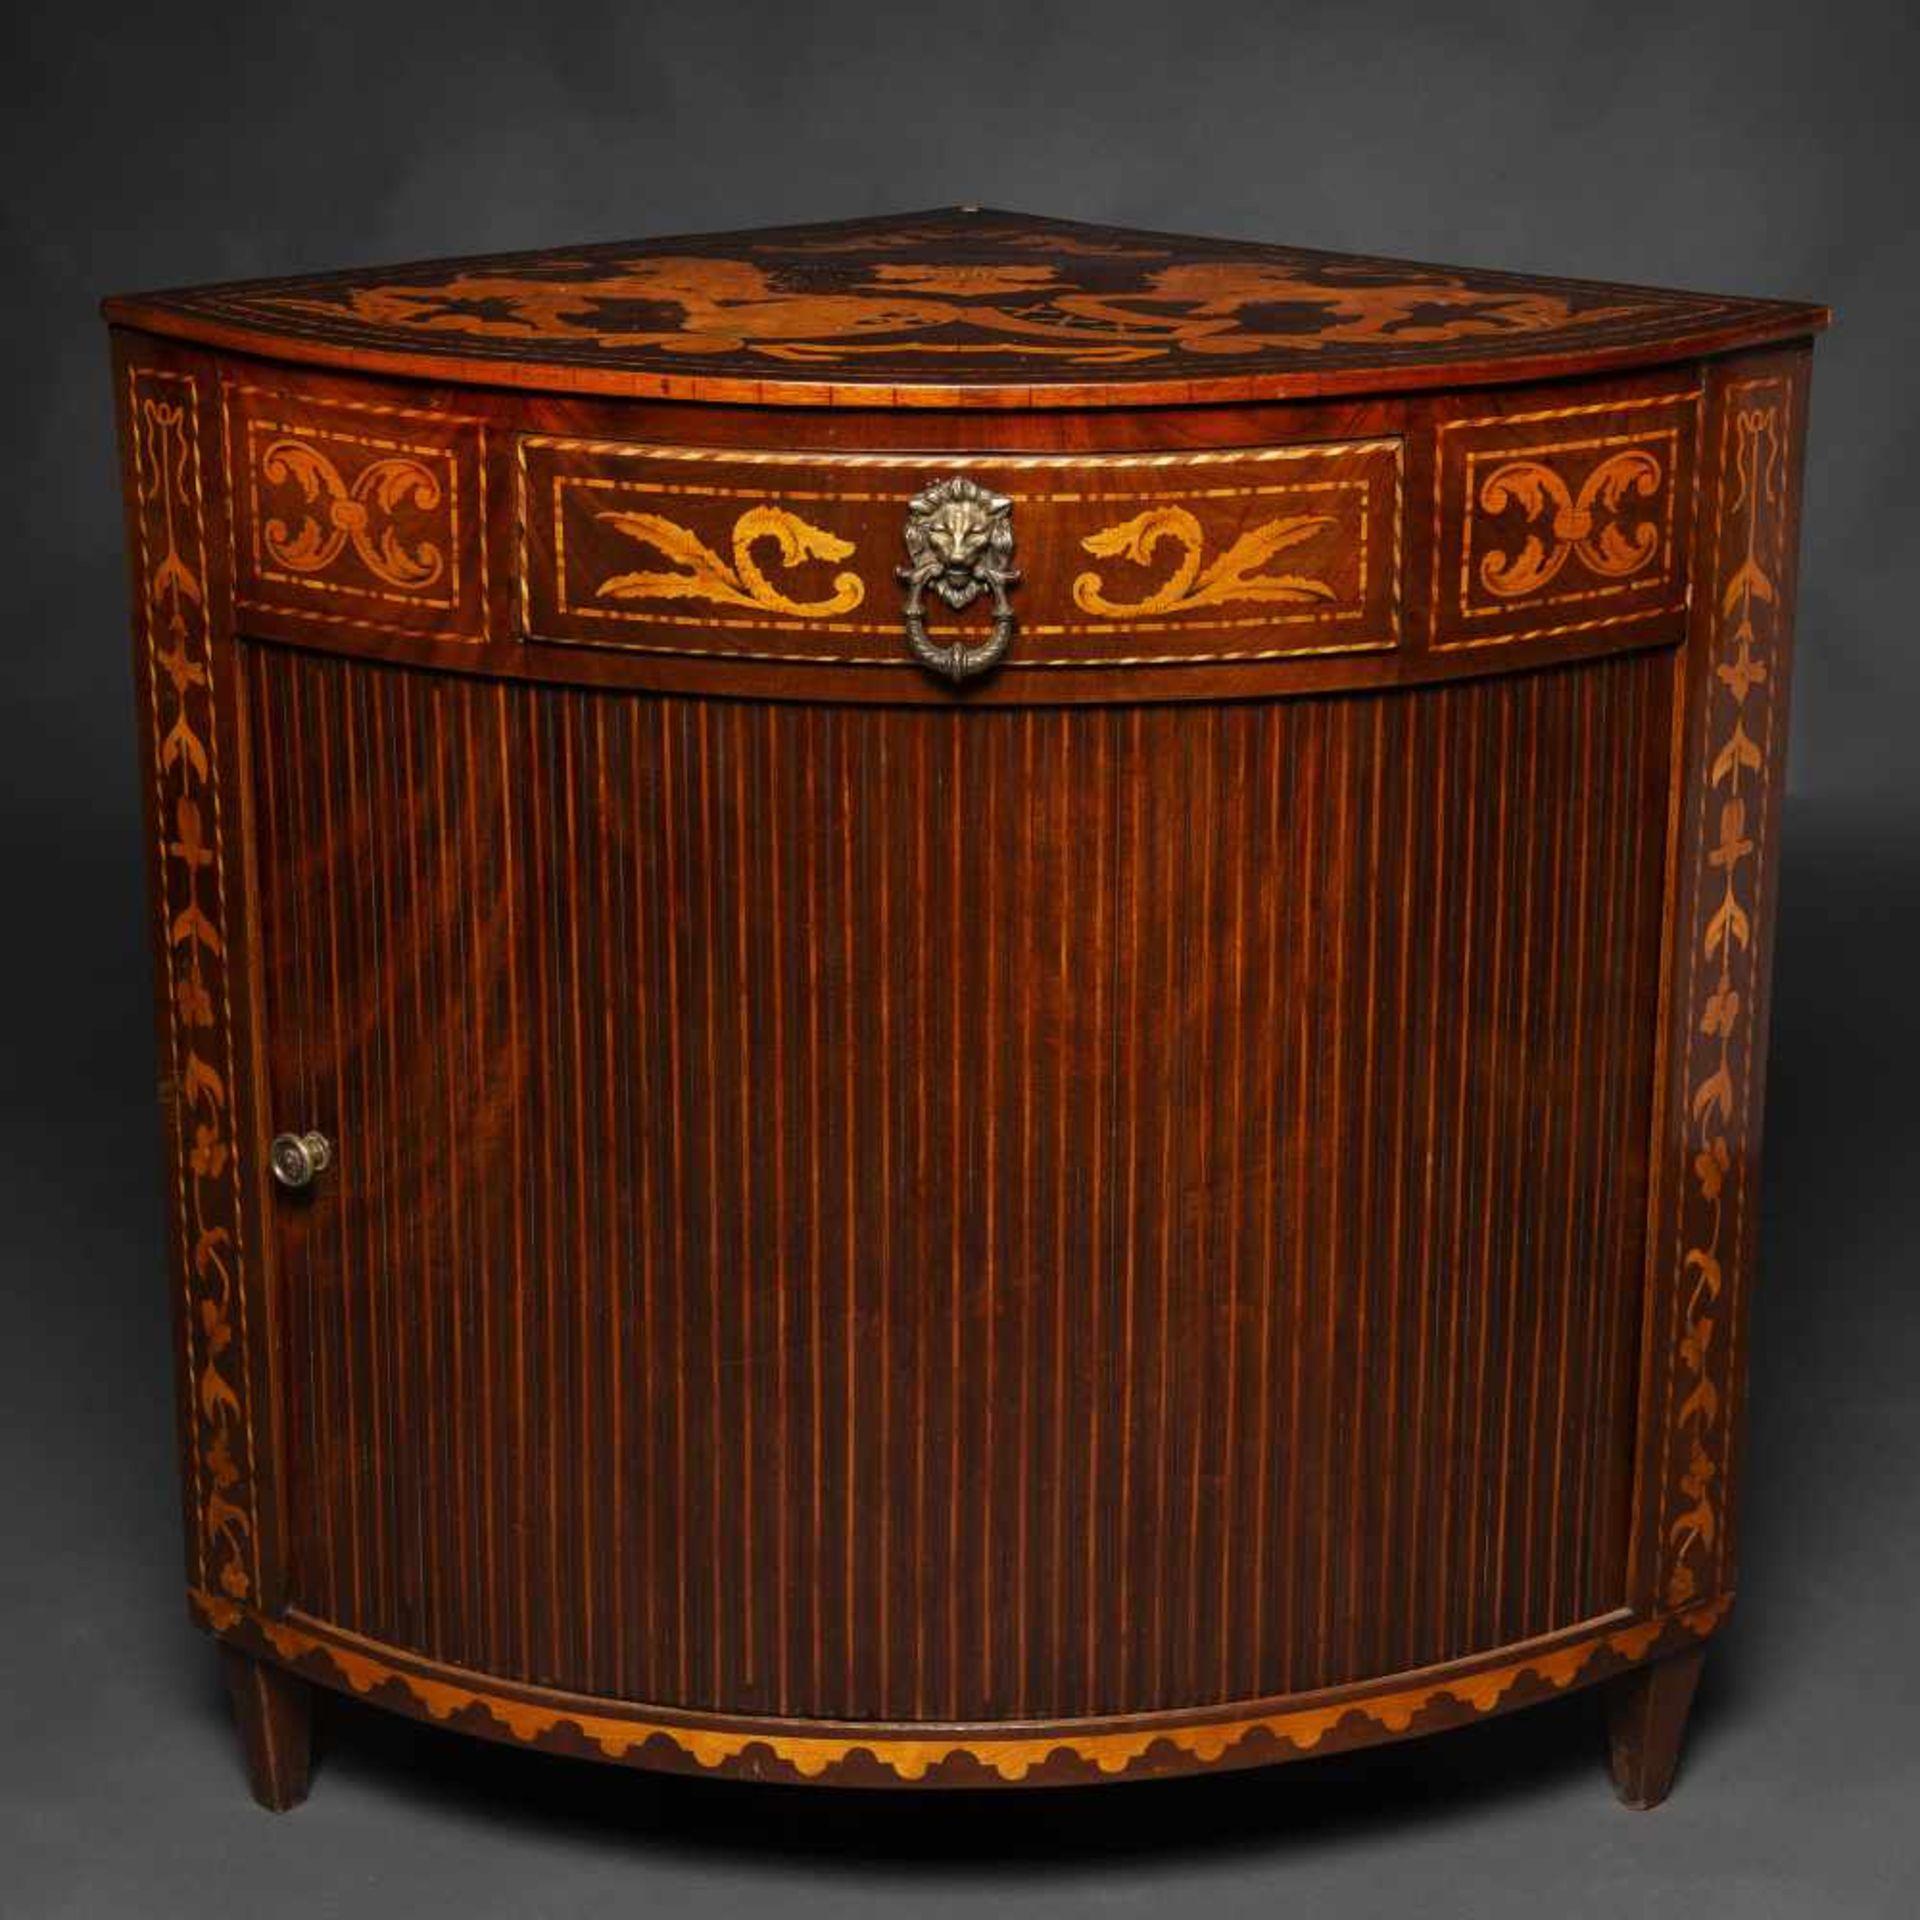 Los 10 - Mueble rinconera de persiana Neoclásico, cilíndrico de marquetería de madera de caoba. Siglo...